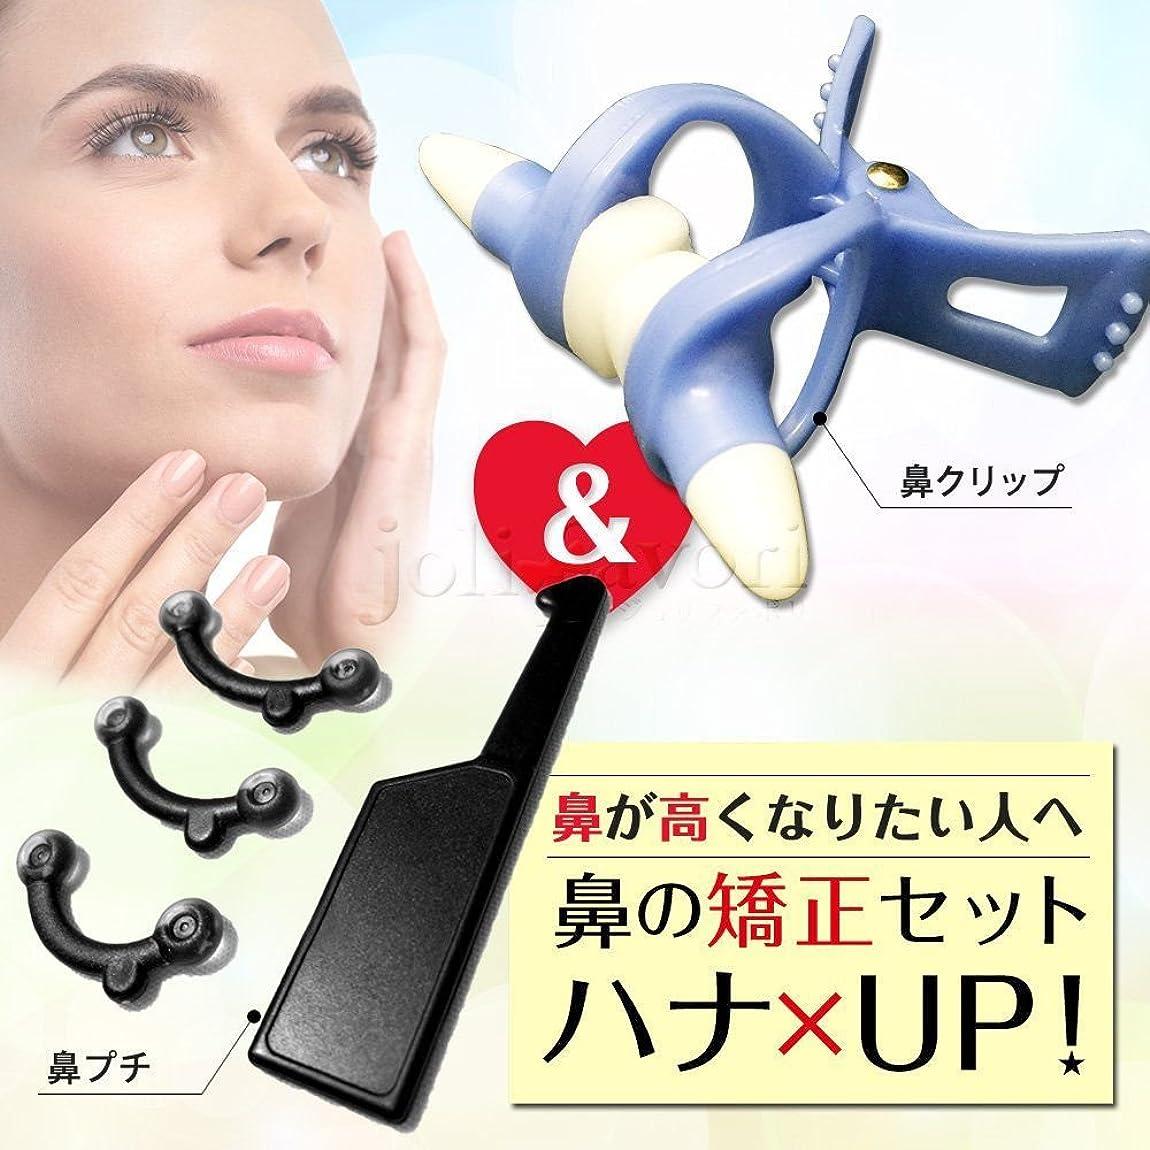 予備プレゼンテーション示す【jolifavori】鼻プチ&ノーズアップ 着けるだけ簡単!鼻メイク矯正セット